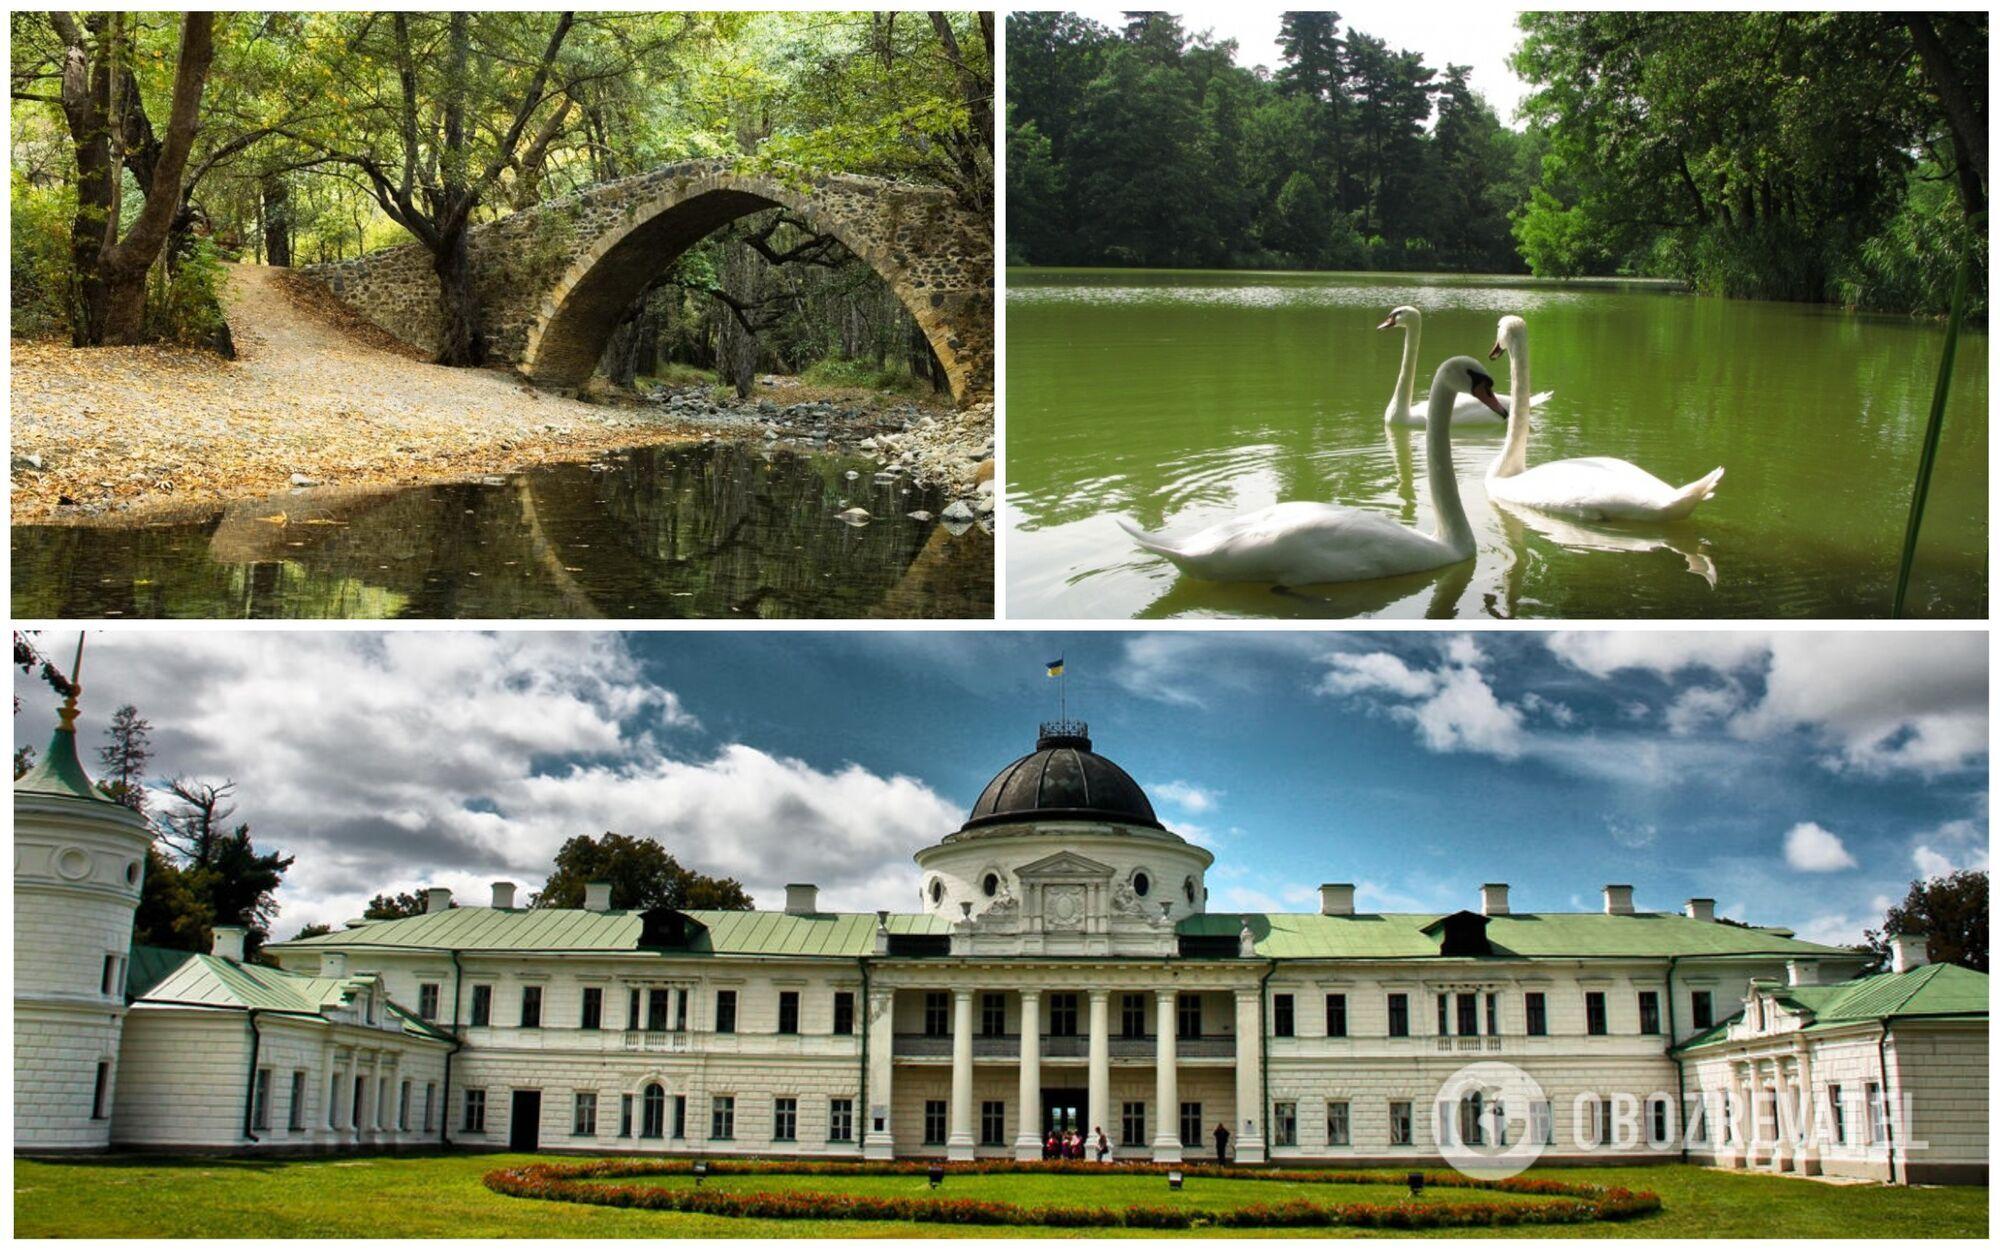 Один из самых больших и красивых дворцов Украины и Восточной Европы находится на Черниговщине, в селе Качановка